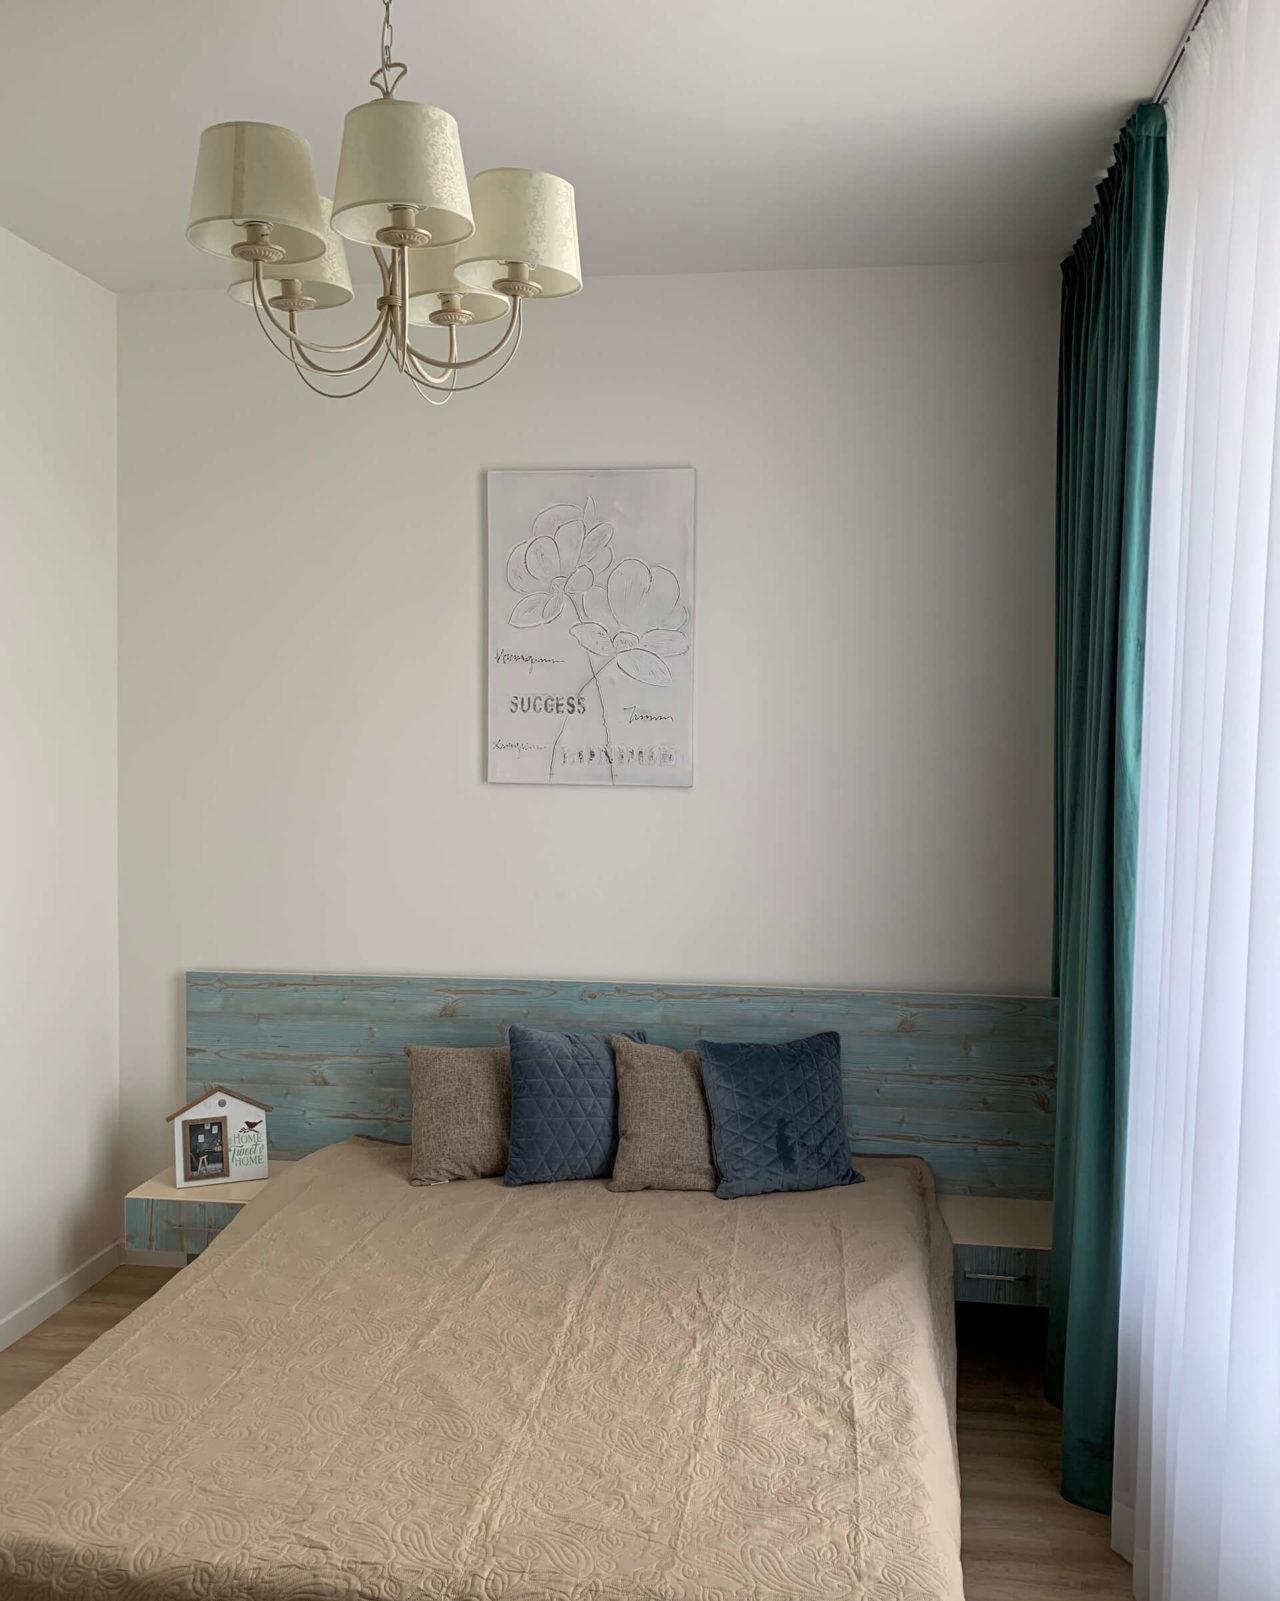 Дизайн проект таунхауса 120 кв.м., в голубых тонах. Львов | фото 6